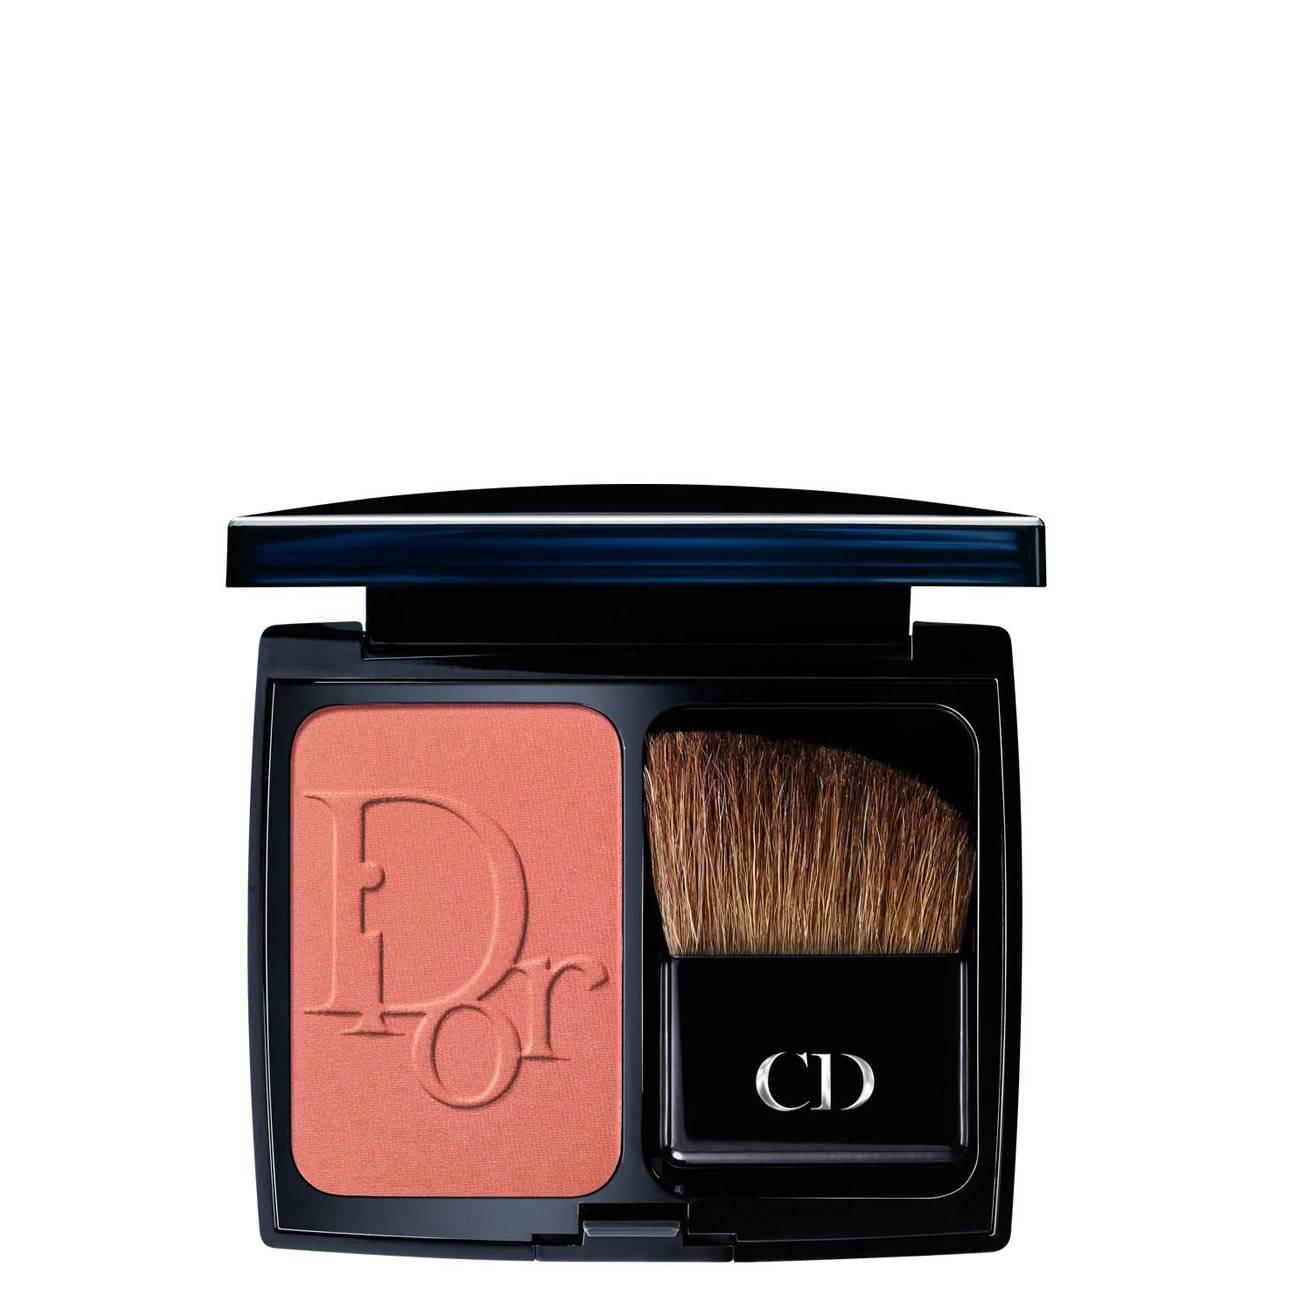 Diorblush 553 7 Grame Dior imagine 2021 bestvalue.eu